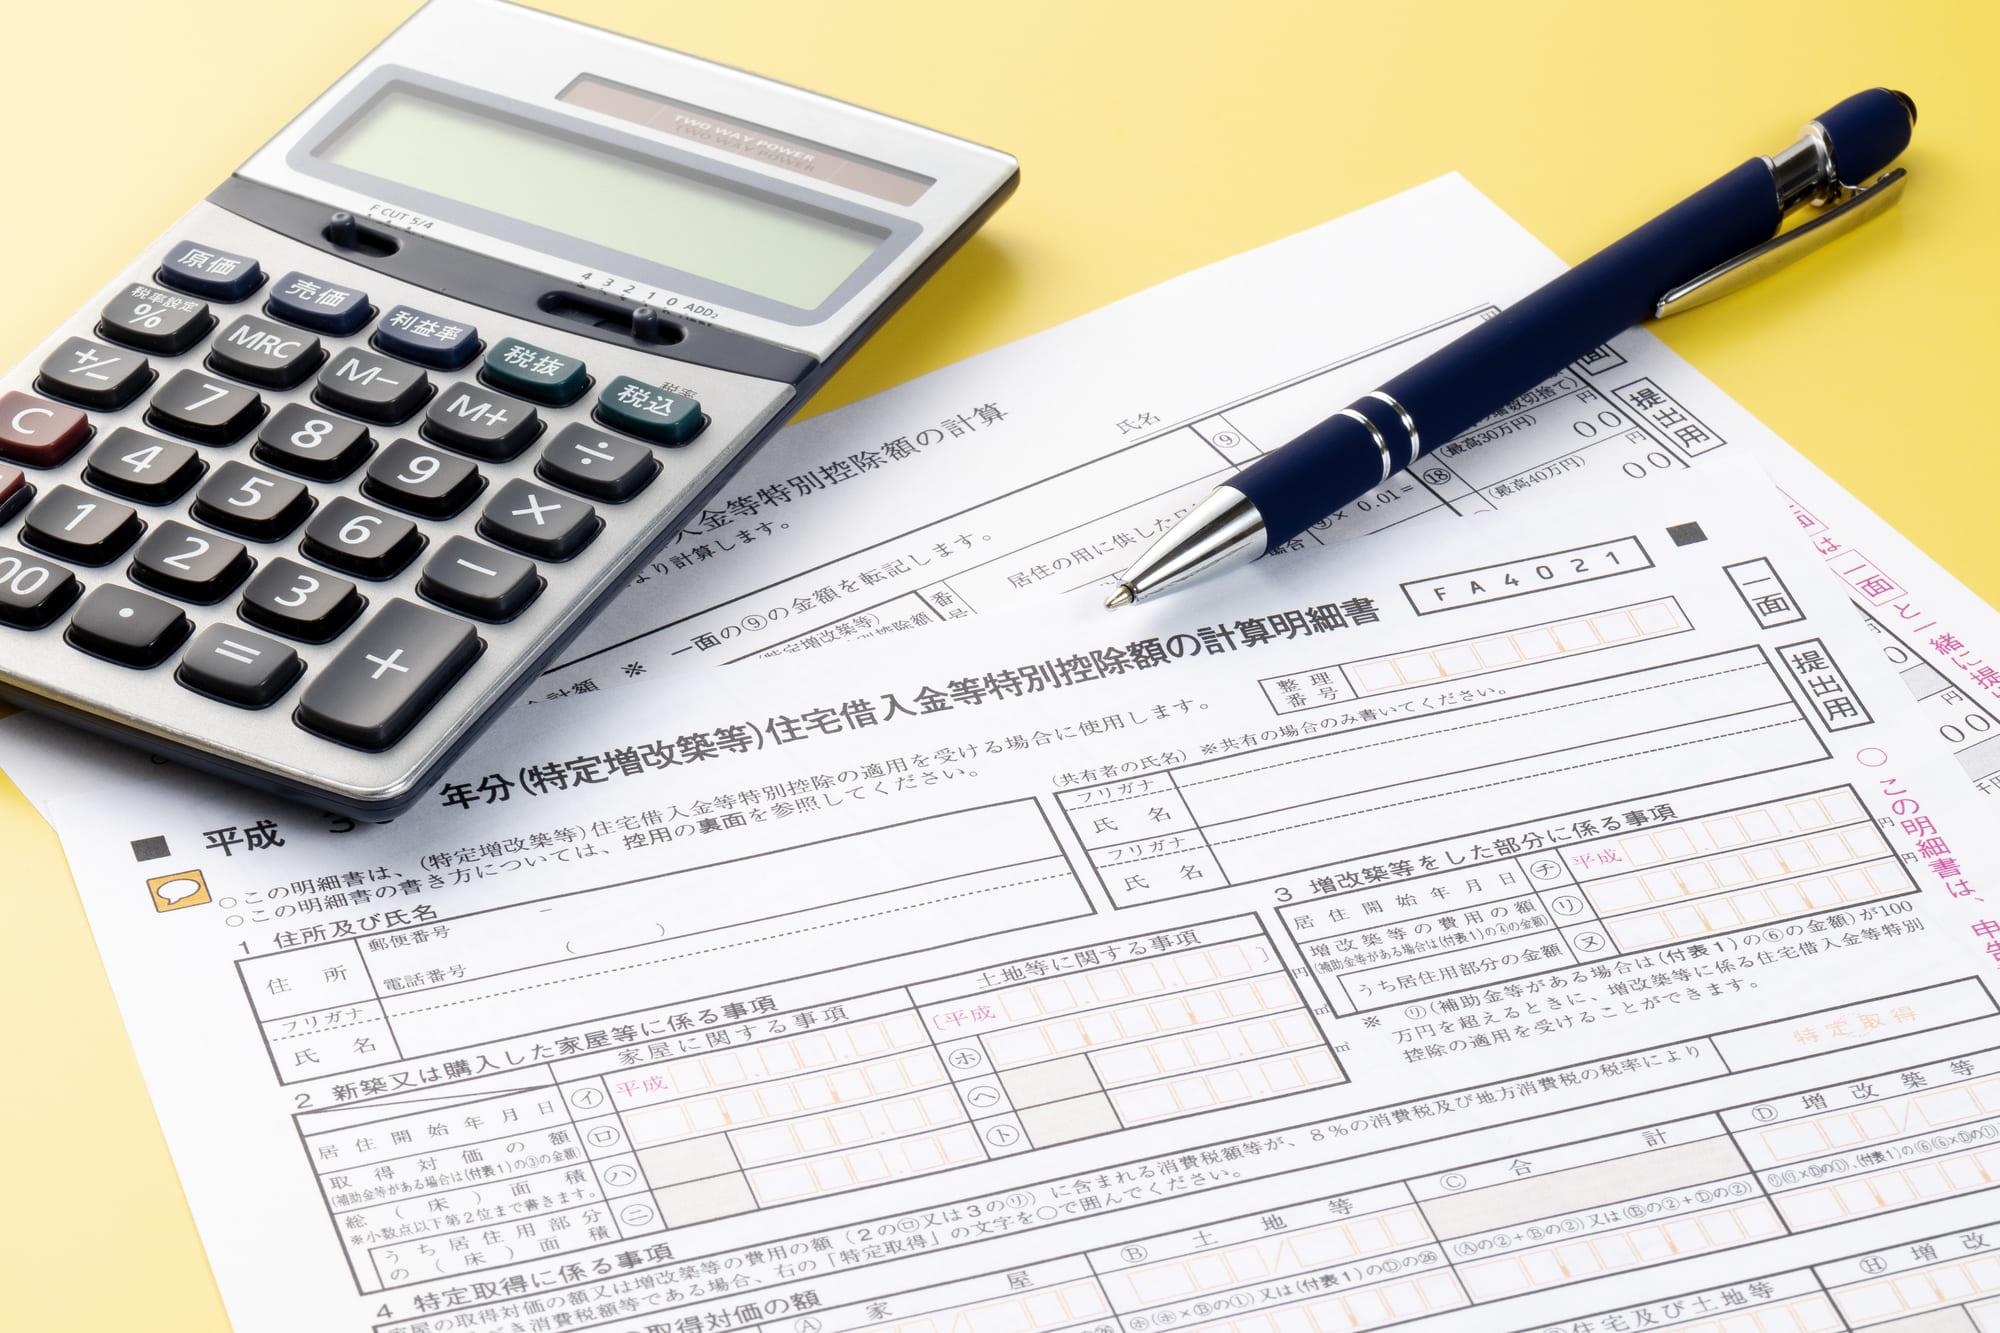 住宅ローン減税とは?適用を受けるための要件と手続きの流れ、注意点